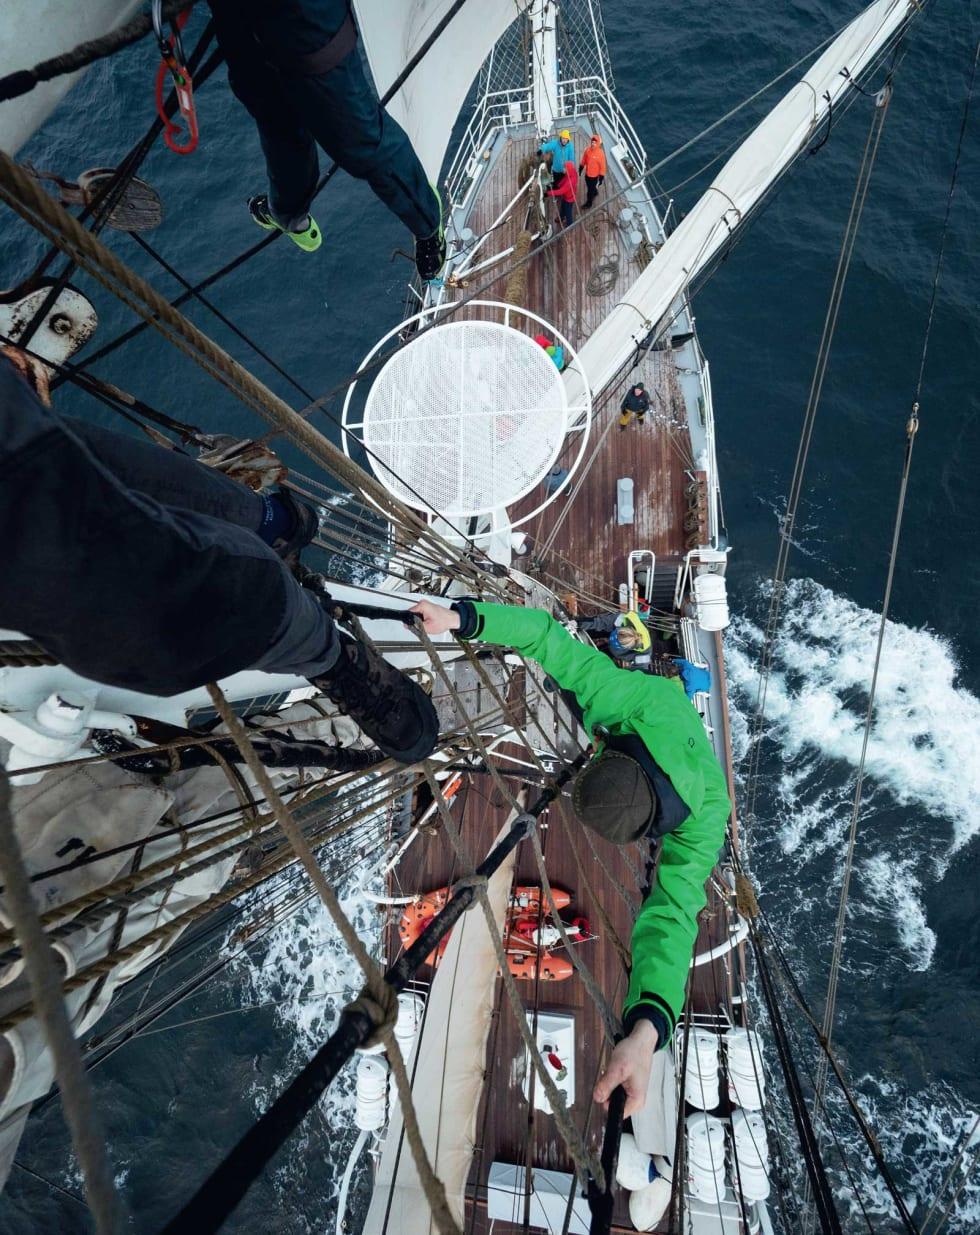 I ARBEID: Skal det seiles, må alle toppturister på dekk. Foto: Timme Ellingjord